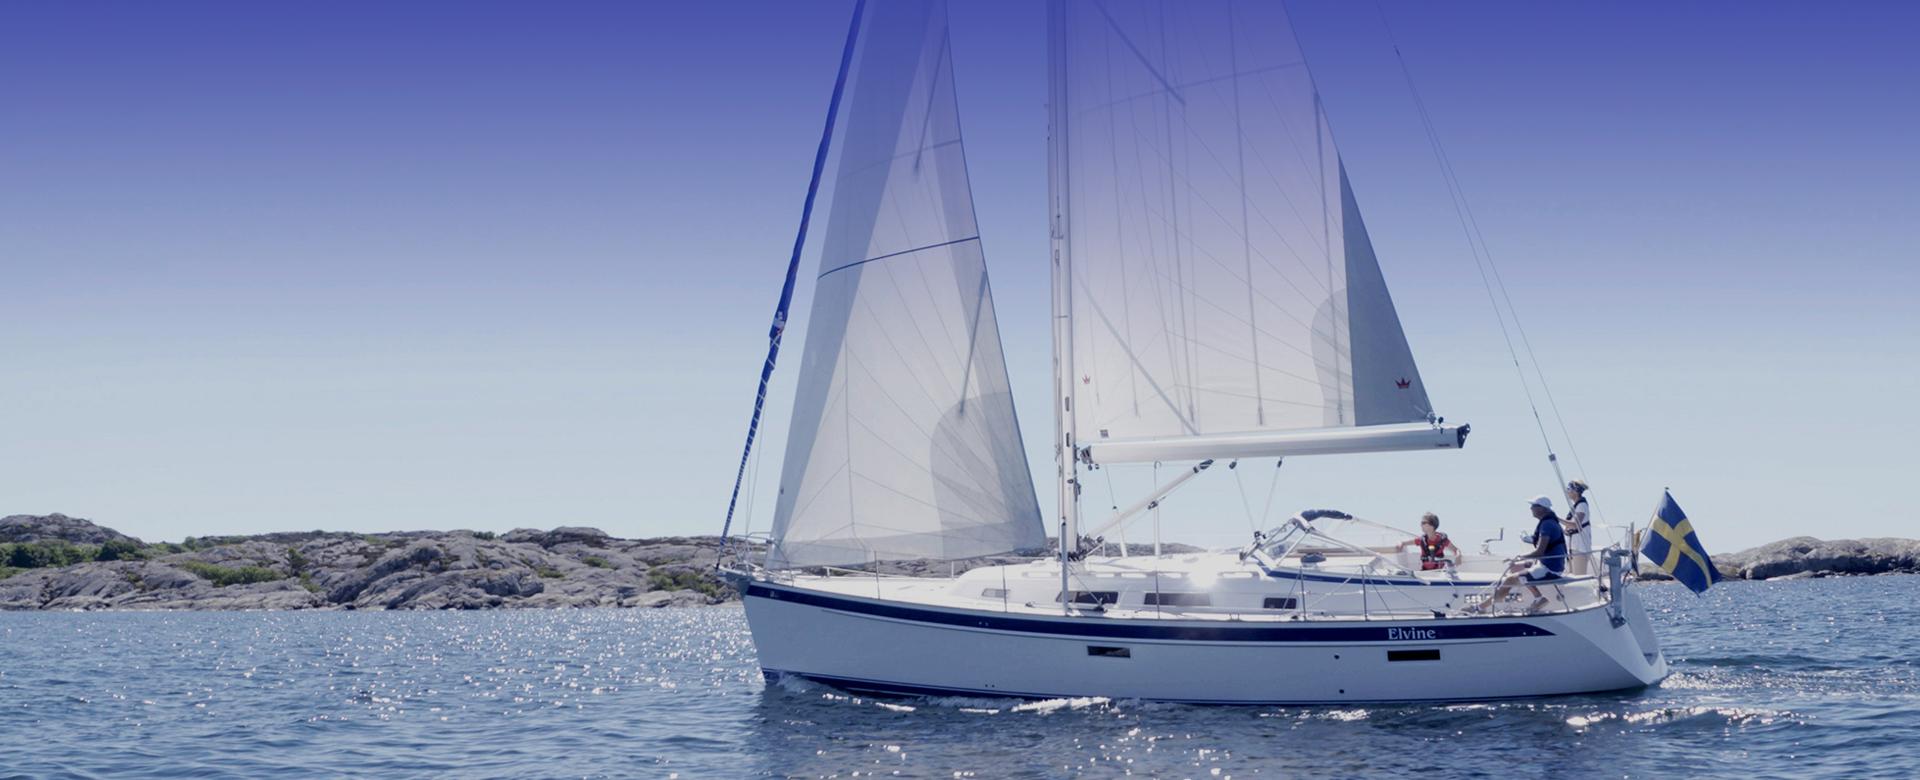 Lagerviks Fullservice Båtvarv på Blidö